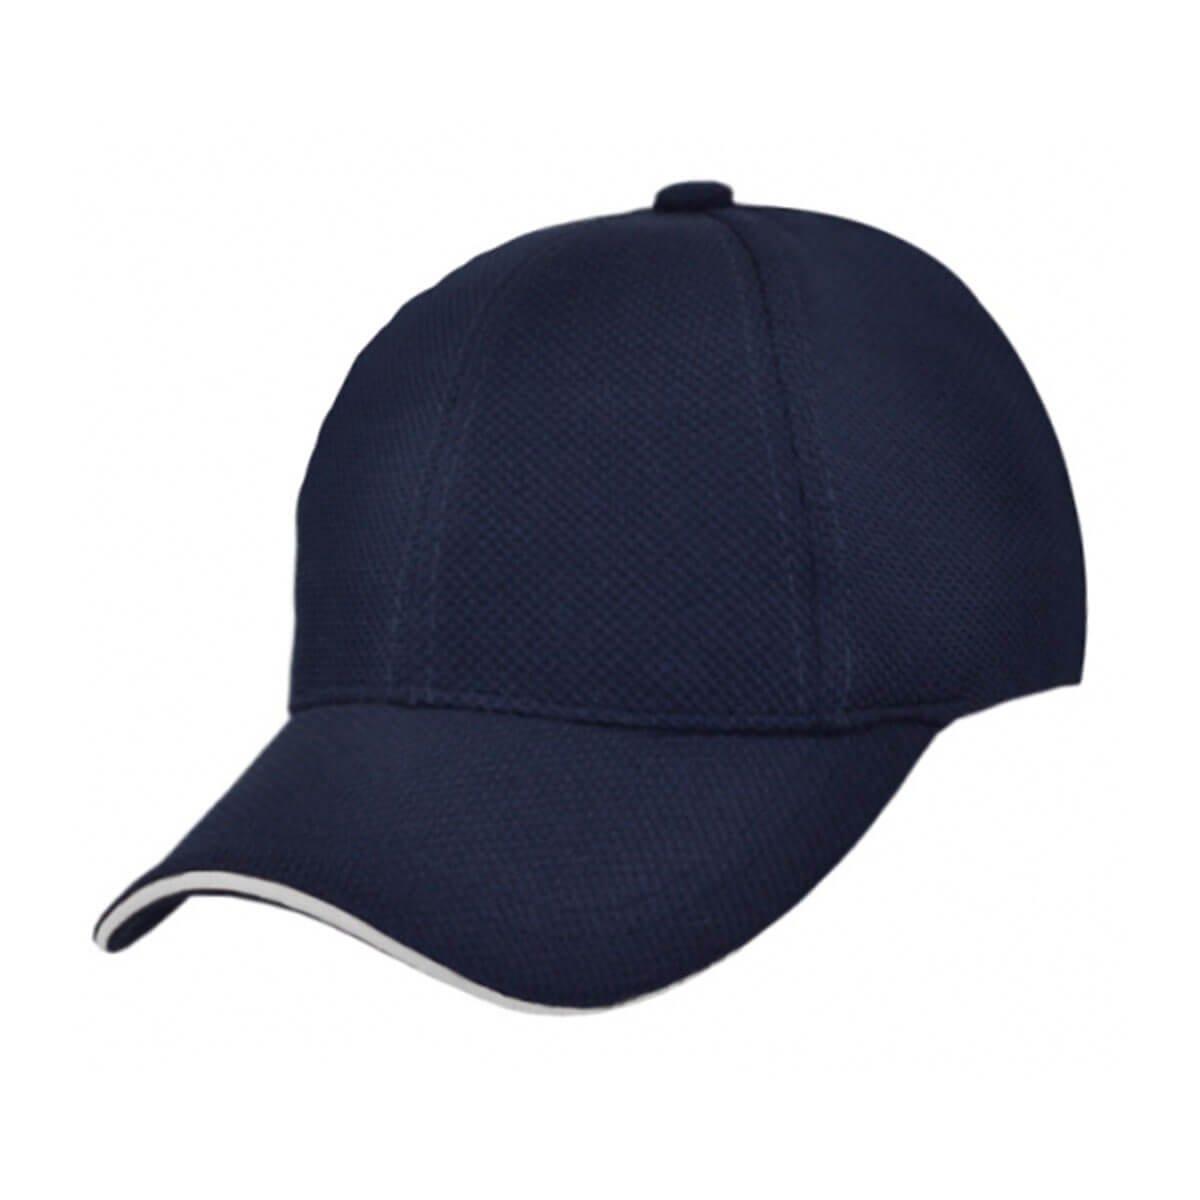 PQ Mesh Plain Sandwich Design Cap-Navy / White